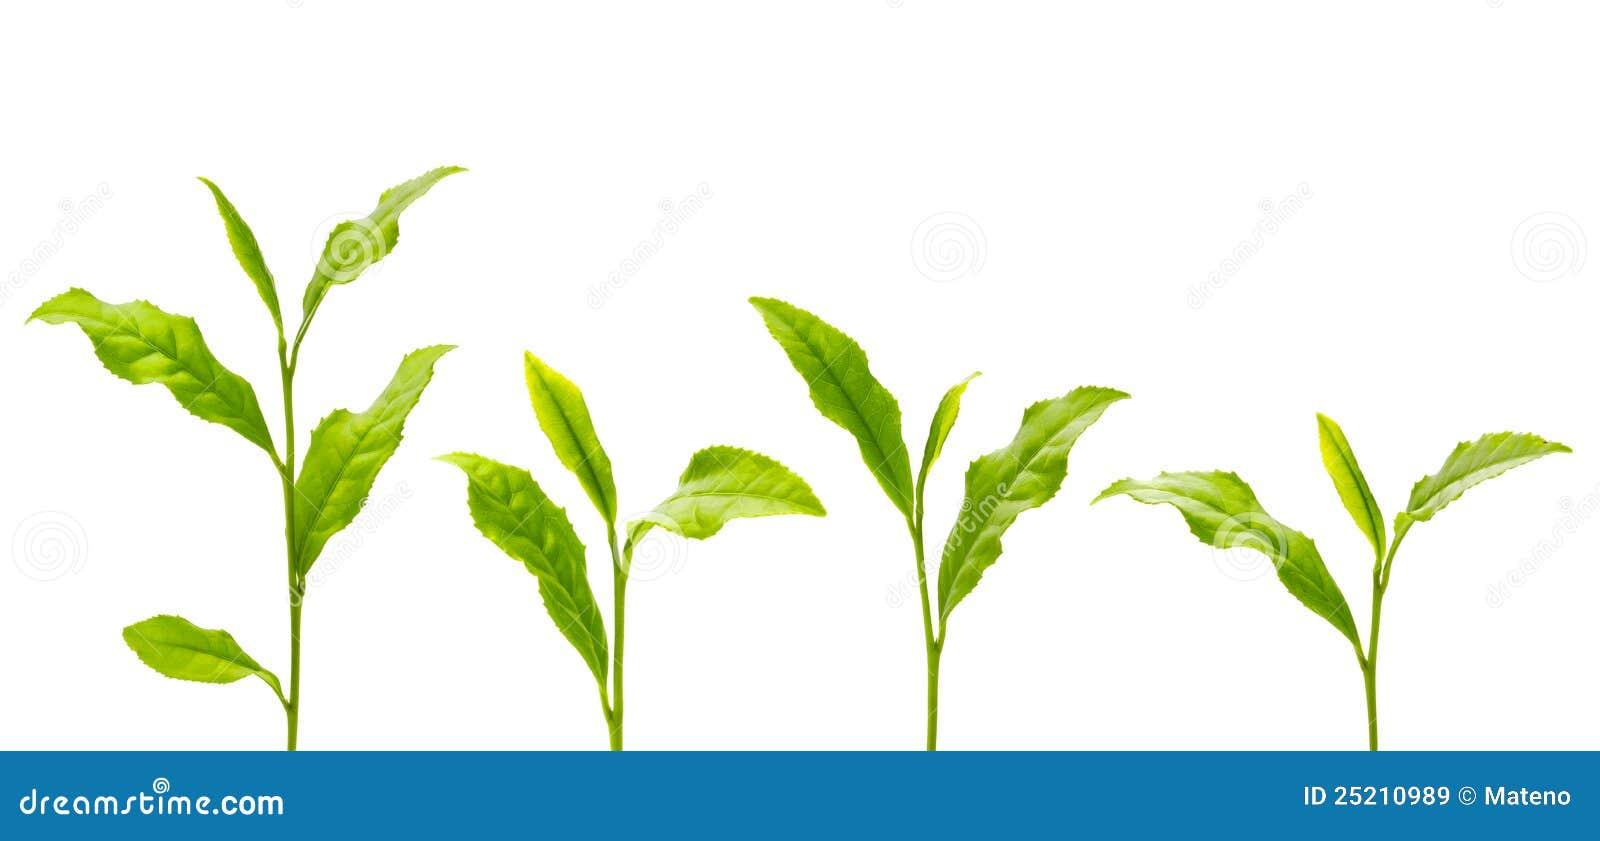 绿色叶子茶